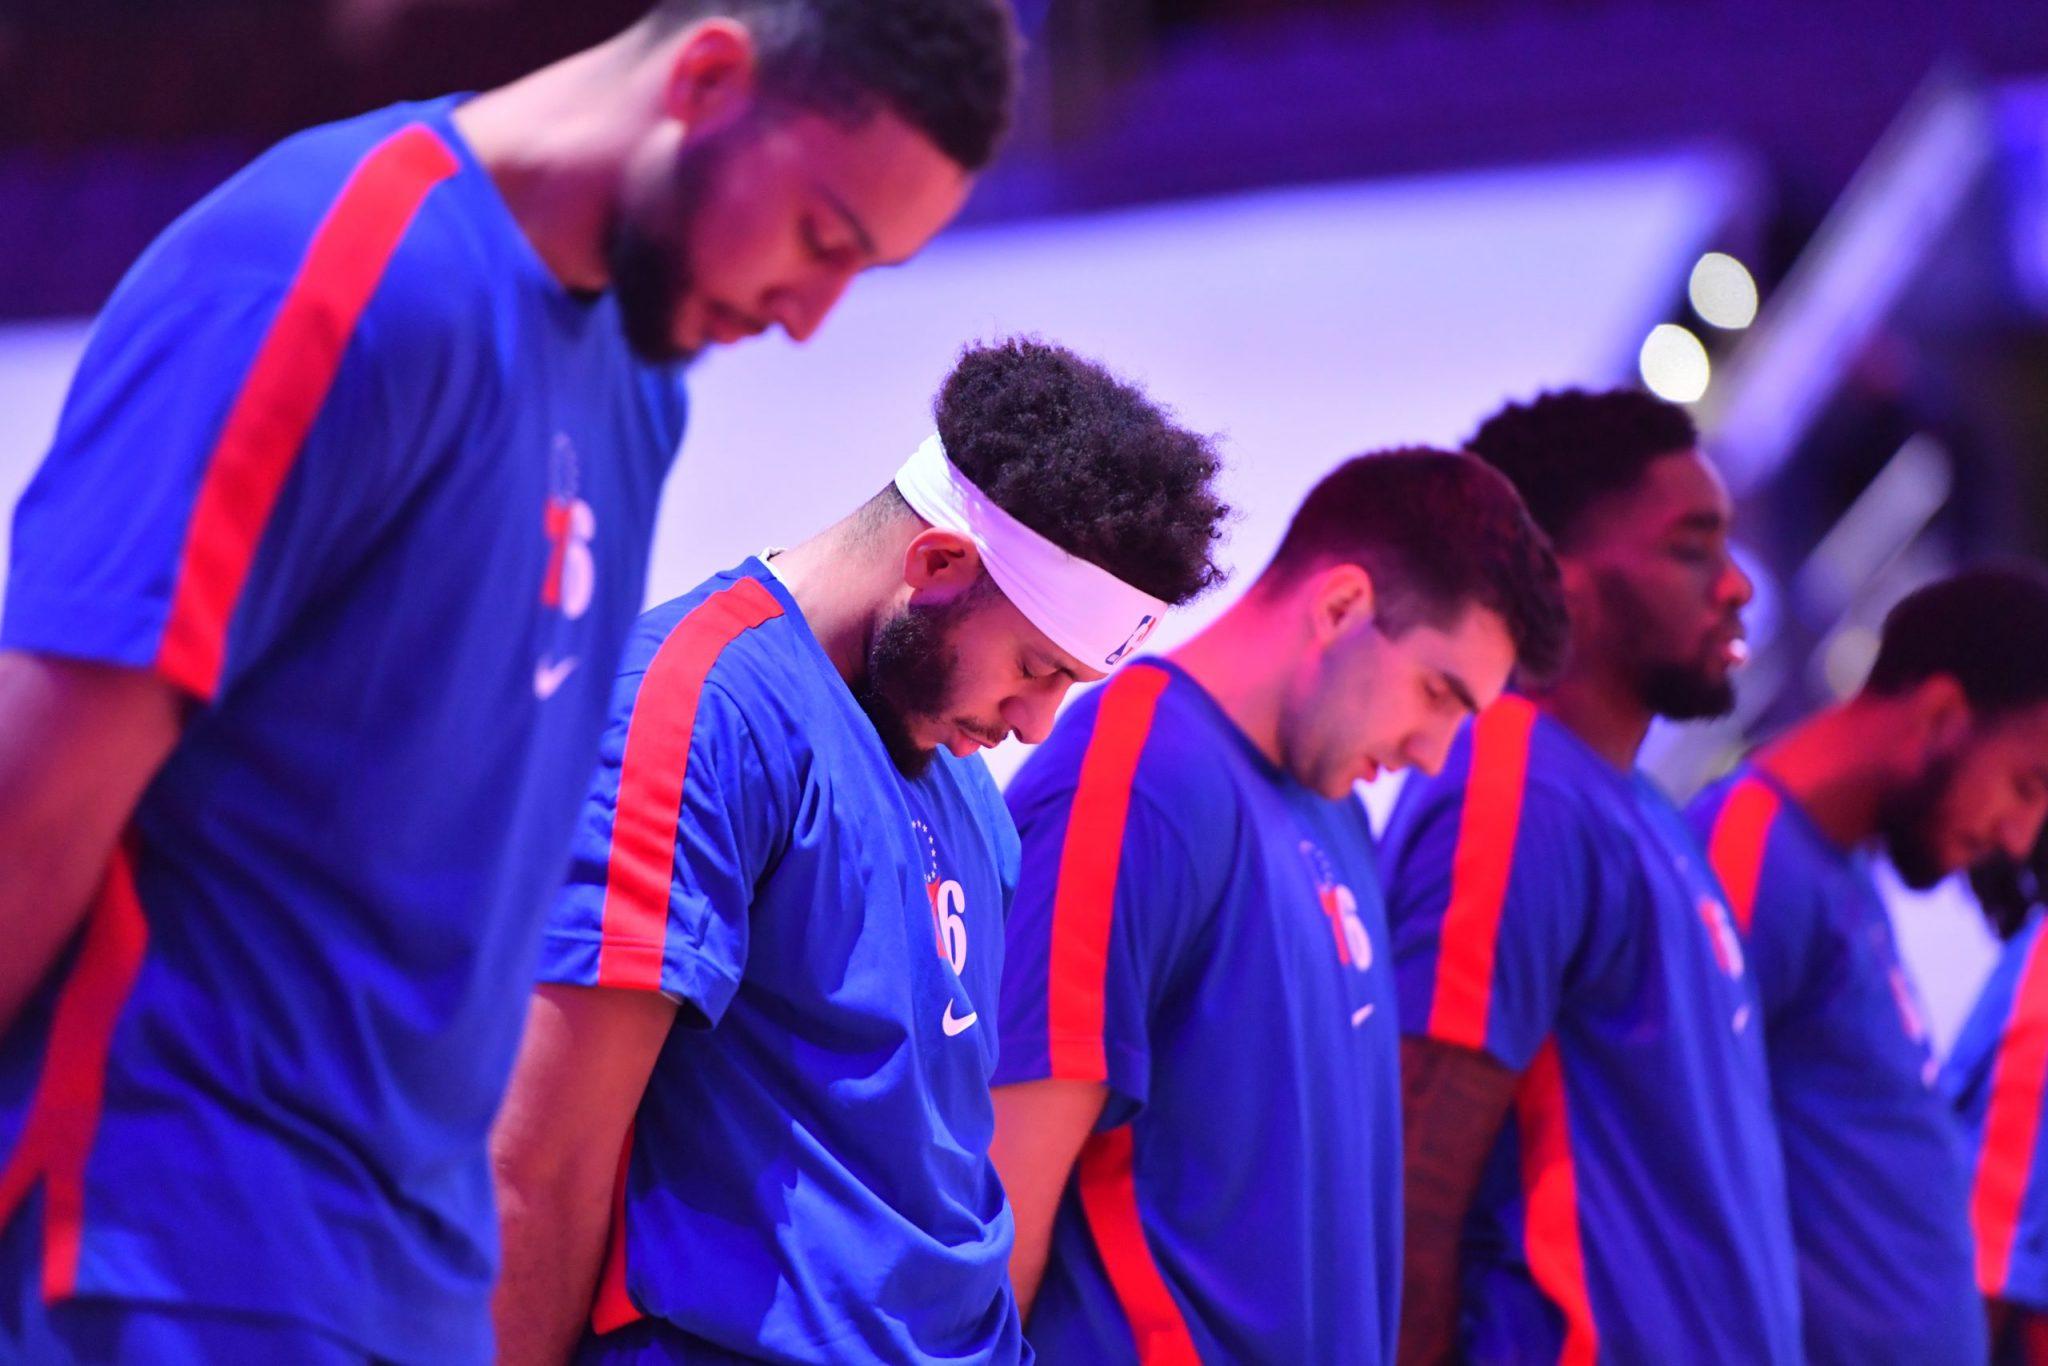 Los Sixers y el positivo de Curry.  El jugador (en el banquillo) se enteró al final del primer cuarto